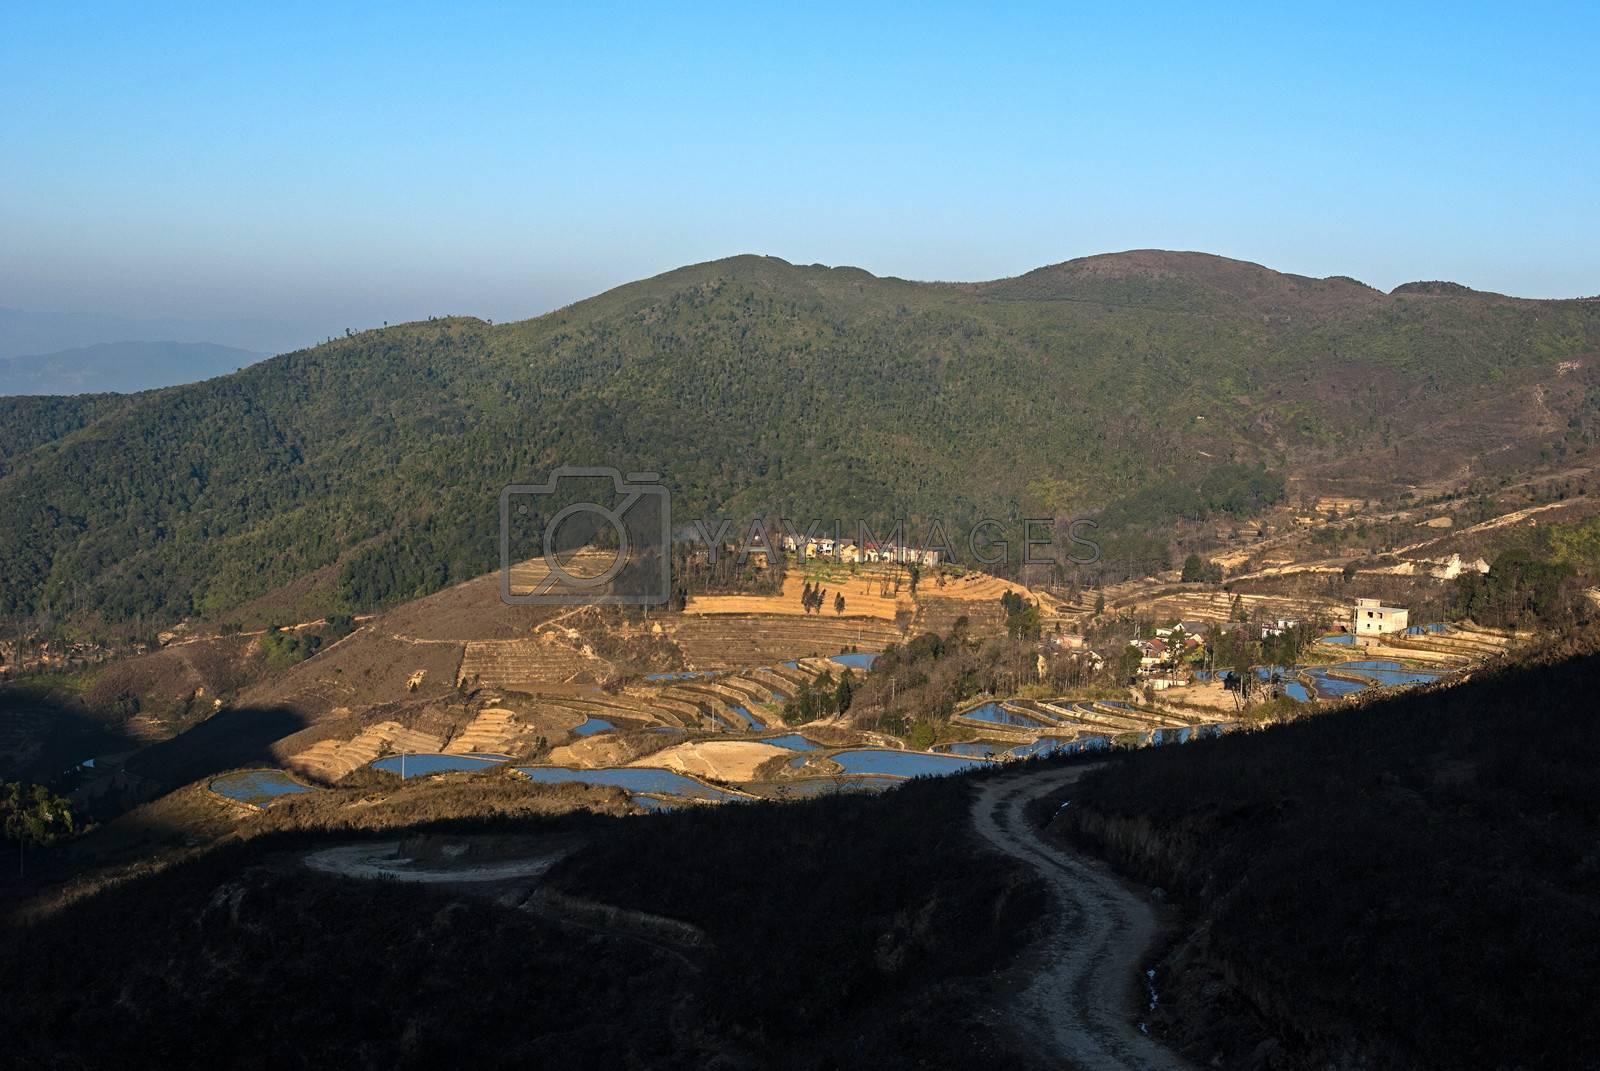 Taken in Yuanyang County, Yunnan Province, China        Taken in YuShan County,Jingxi Province, China